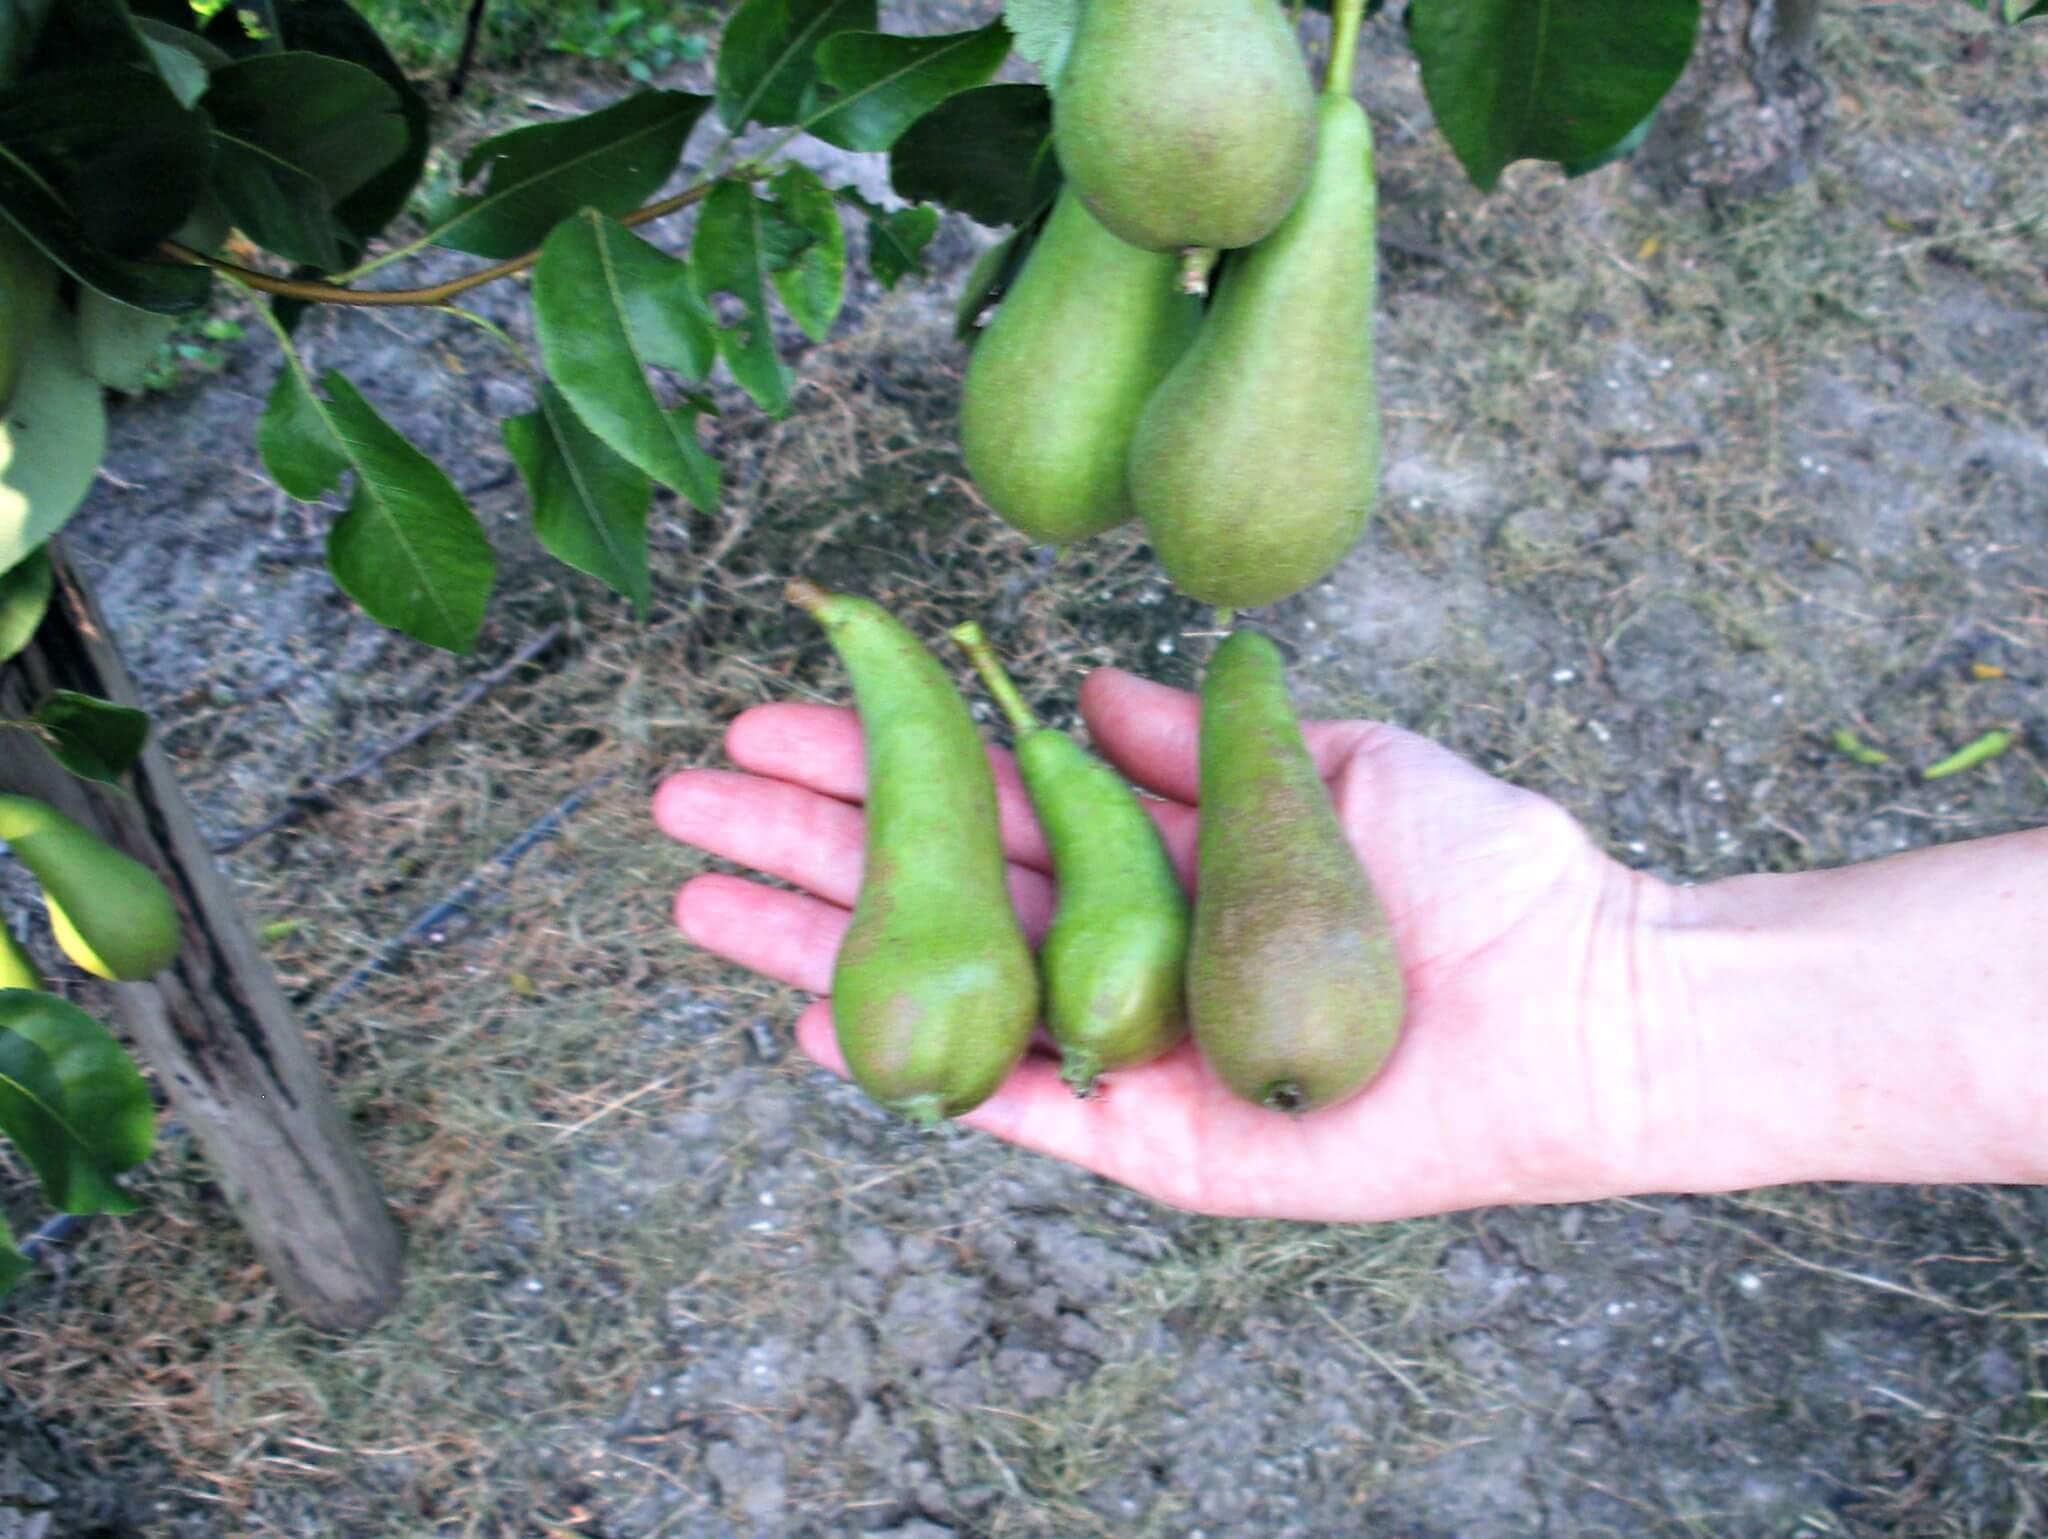 Fruitbedrijf Van den Berge_Zomer_dunnen peren